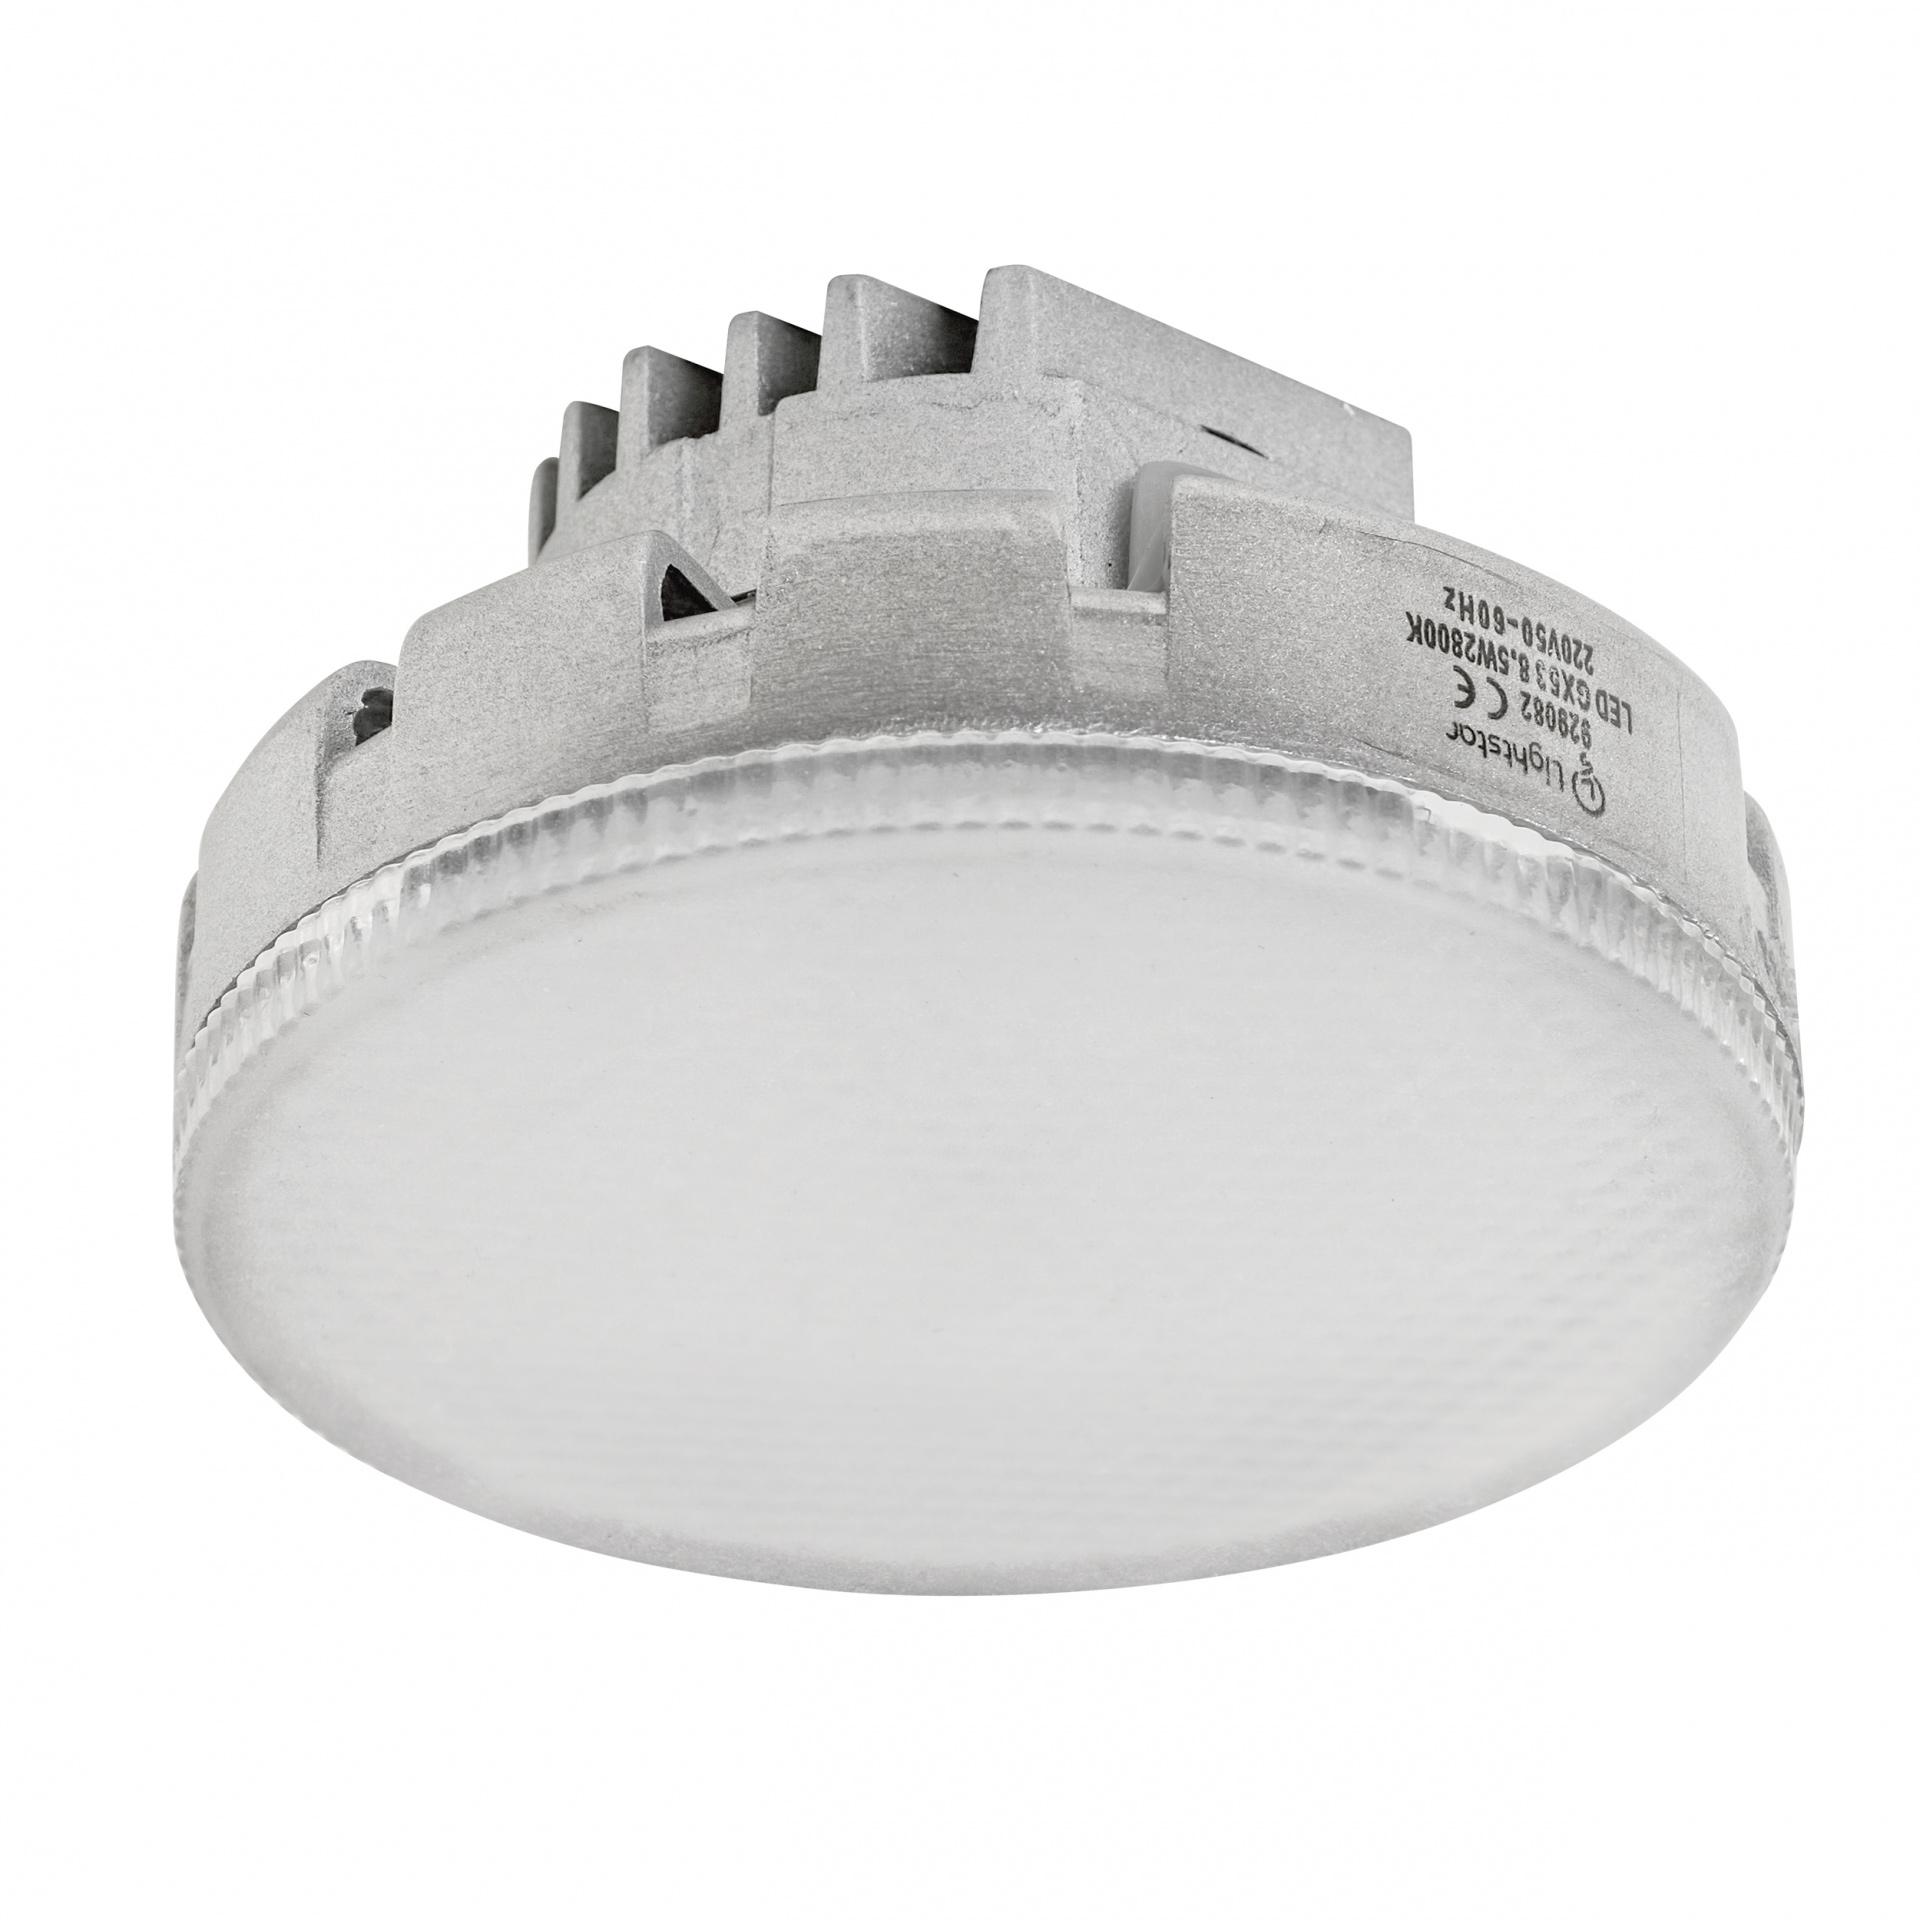 Лампа LED 220V TABL GX53 12W=120W 960LM 180G FR 4000K 20000H Lightstar 929124, купить в СПб, Москве, с доставкой, Санкт-Петербург, интернет-магазин люстр и светильников Starlight, фото в жизни